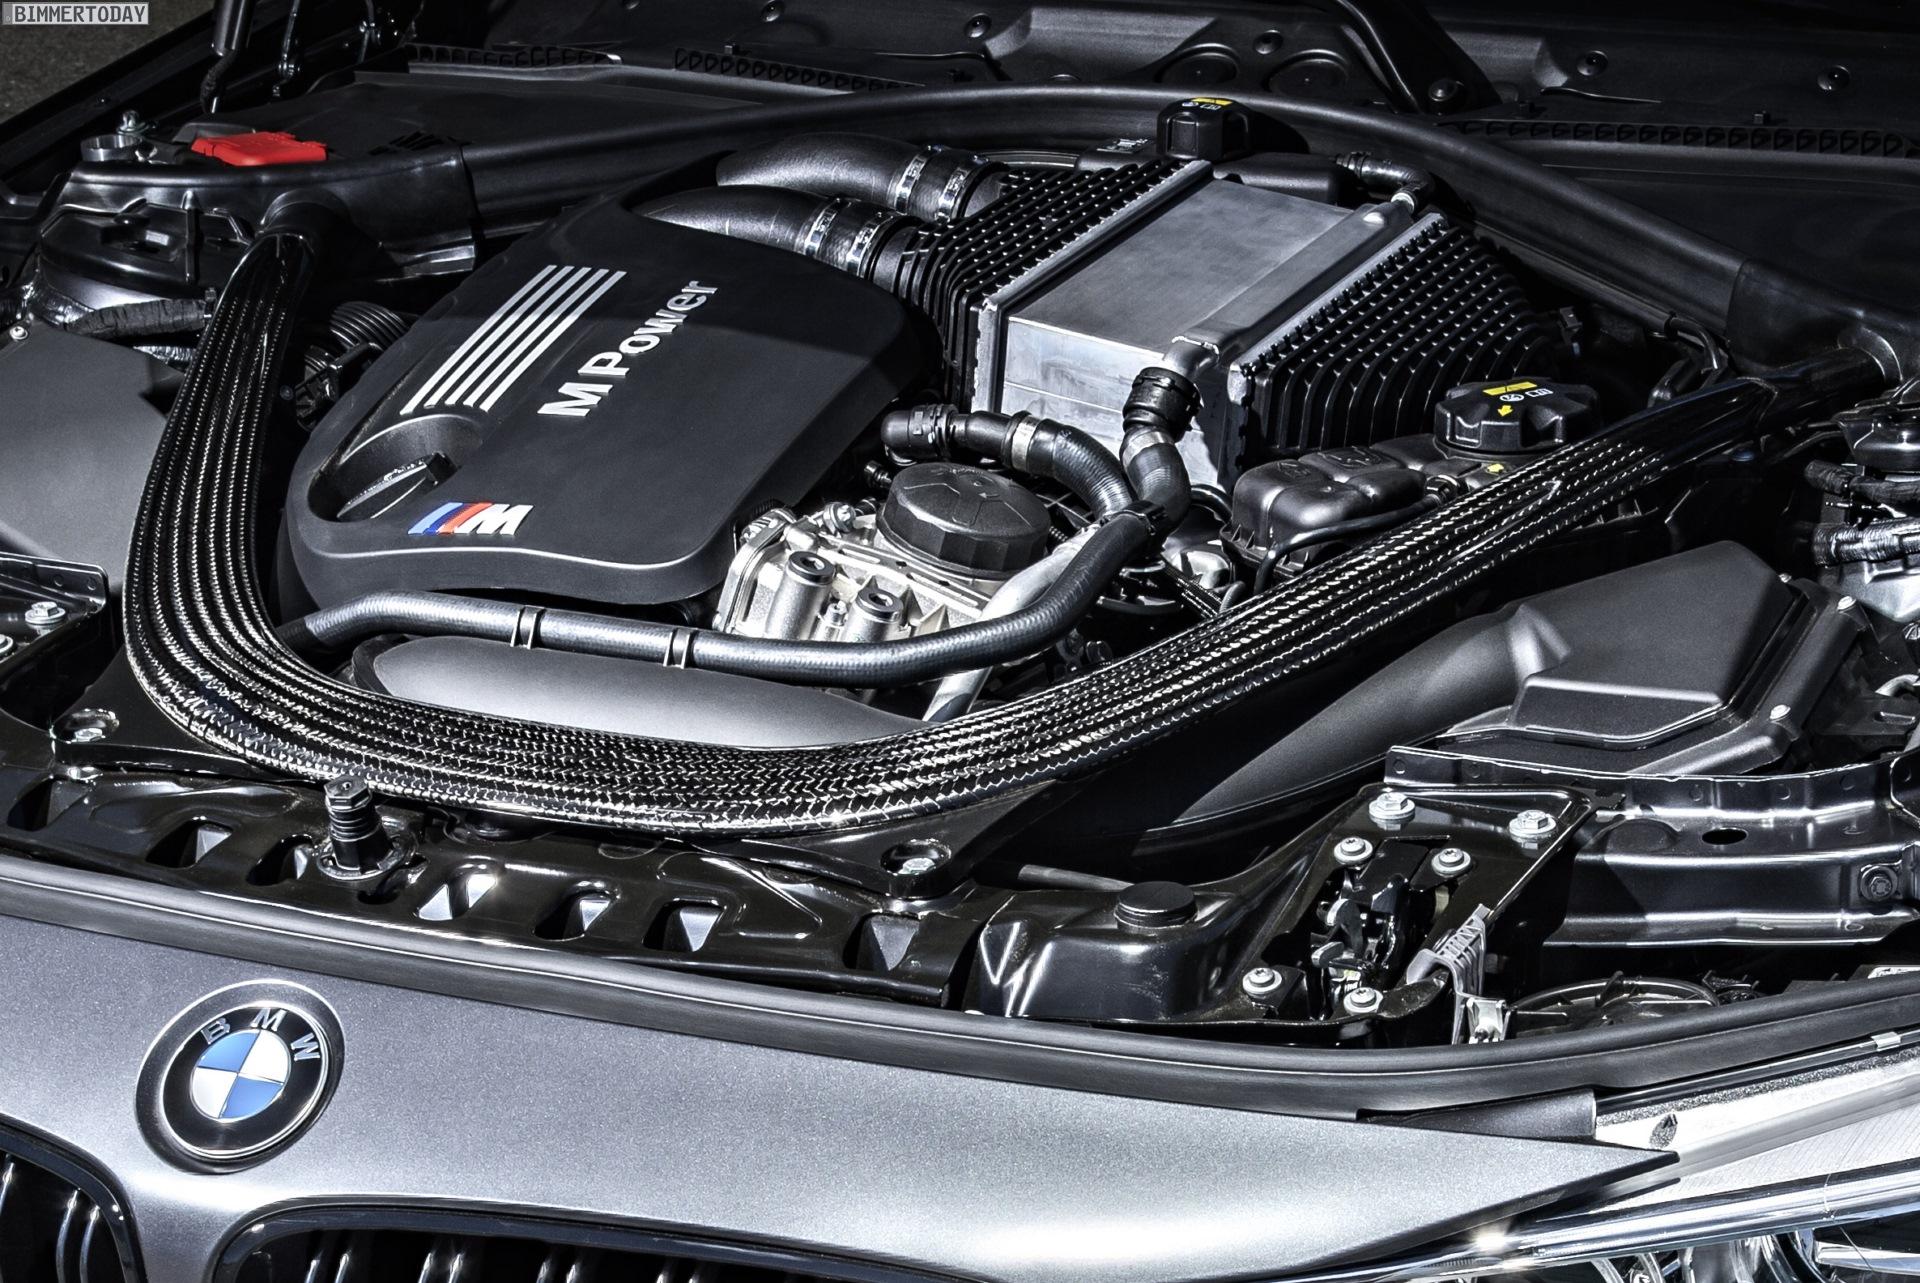 Bmw M4 Gts S55 Kommt Dank Wassereinspritzung Auf 500 Ps Engine Diagram